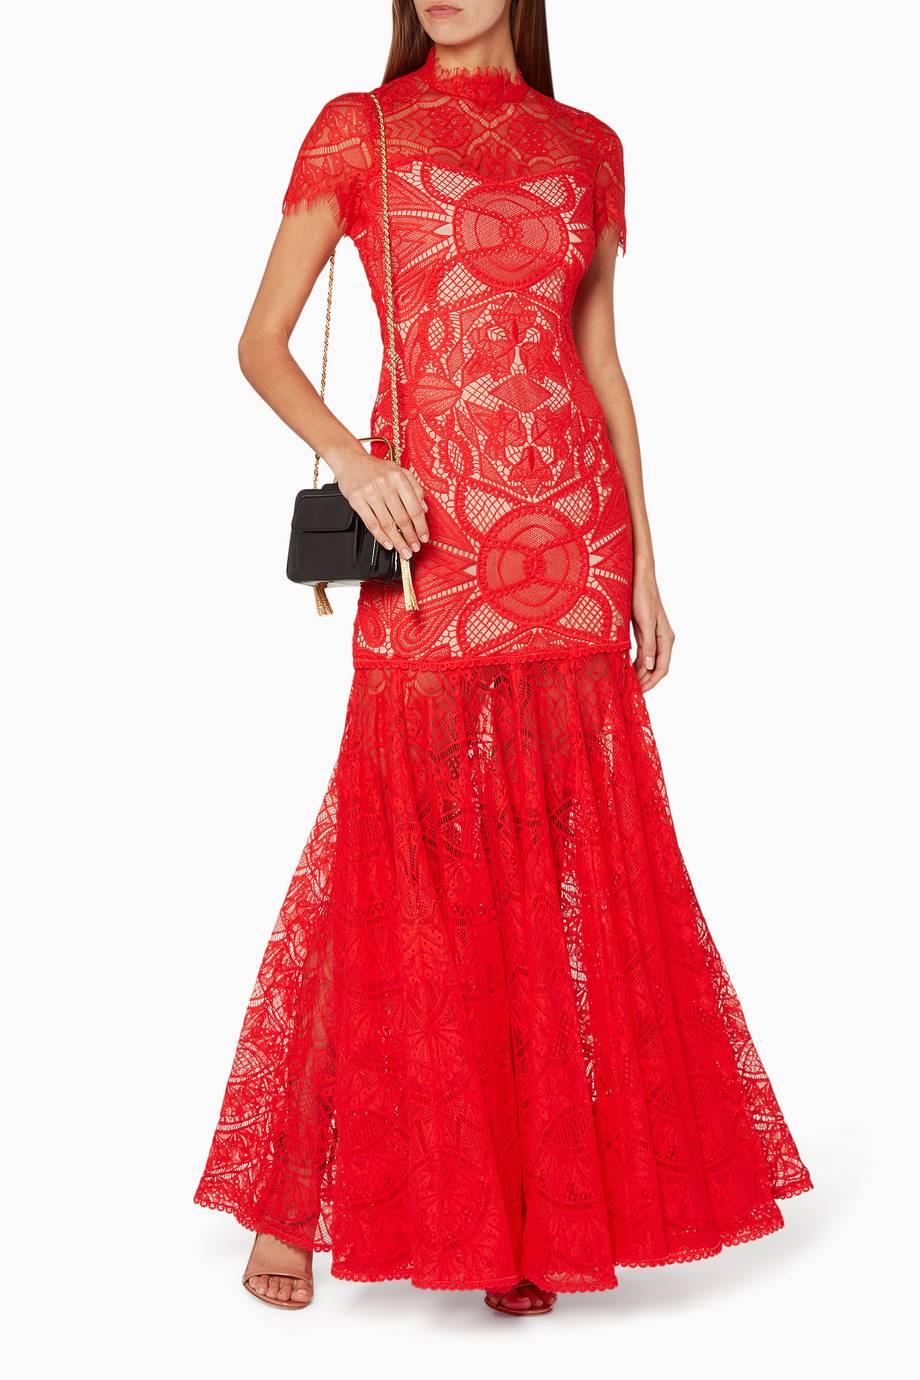 Shop Luxury Jonathan Simkhai Red Lace Applique Dress